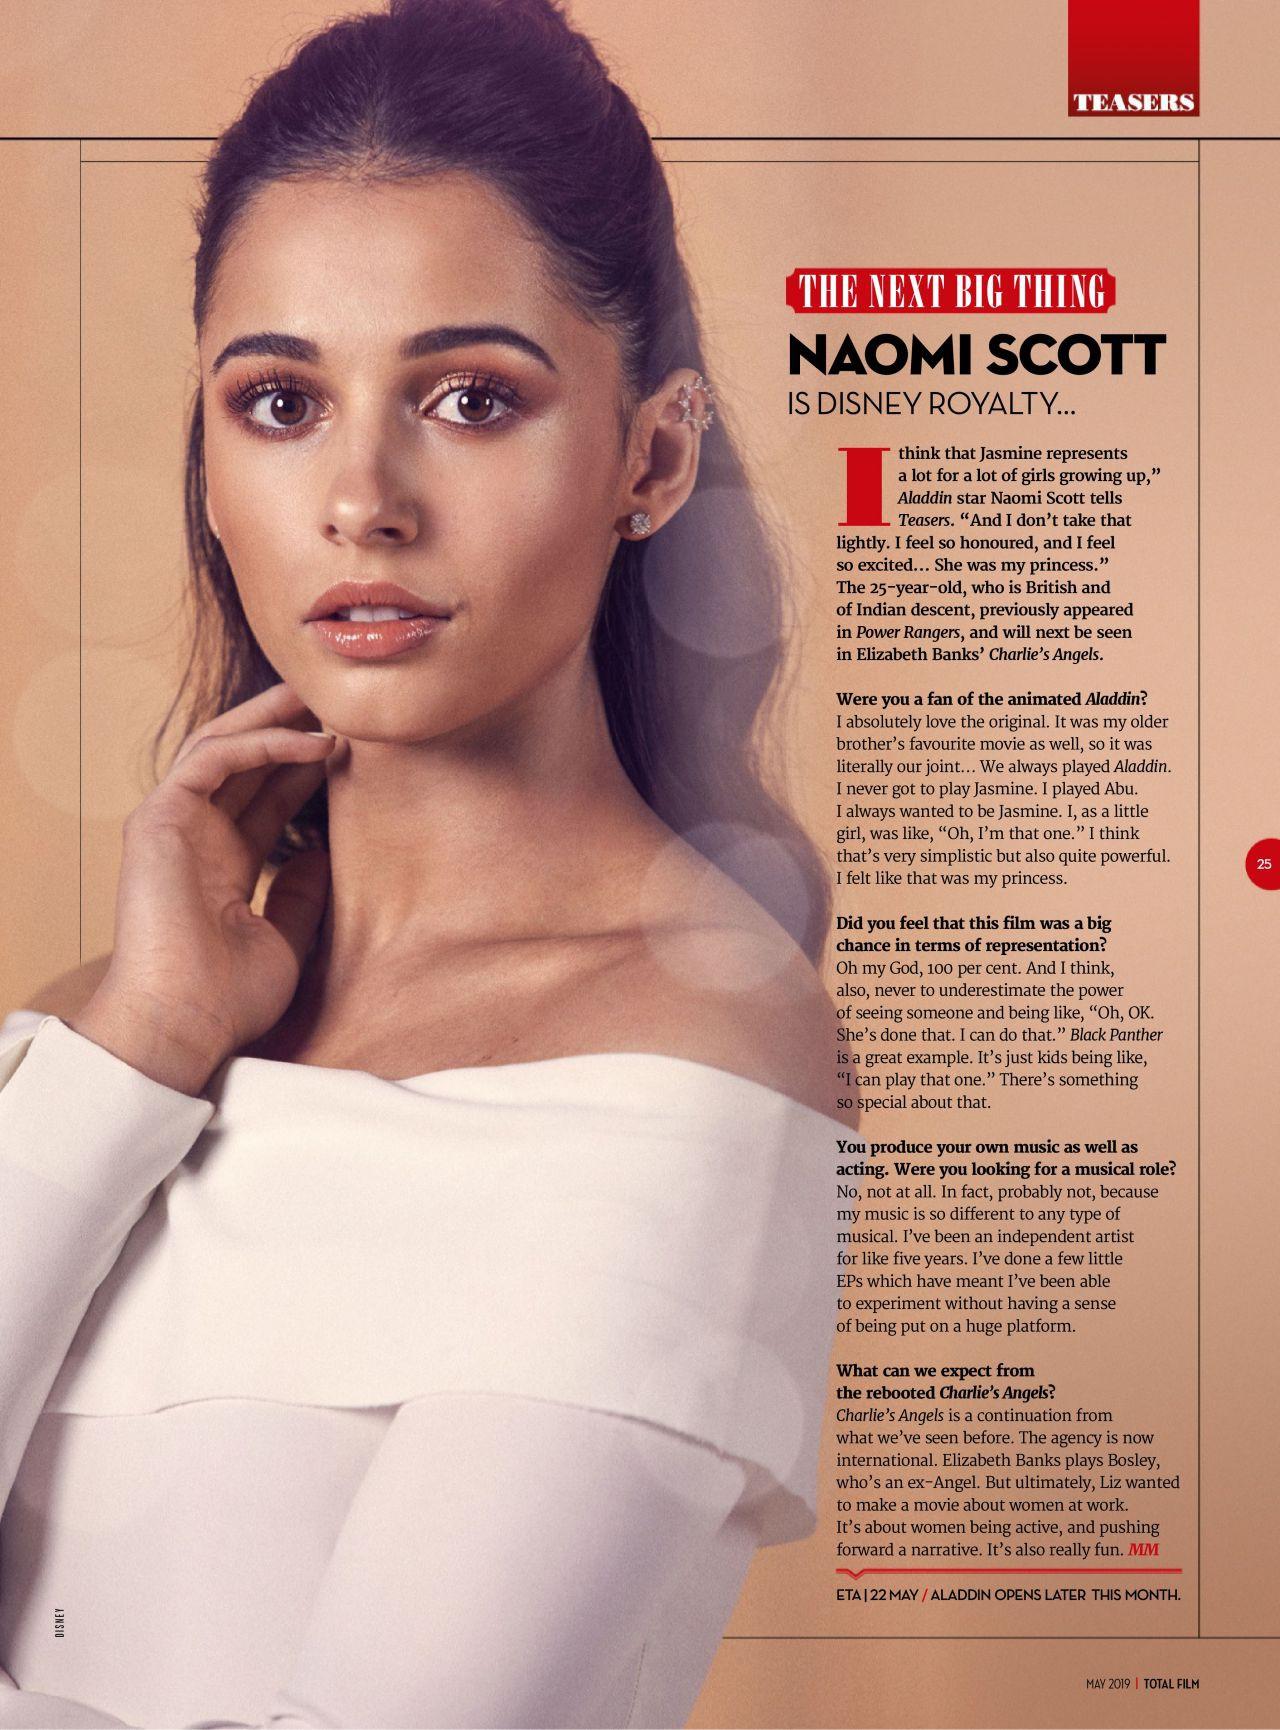 Jasmine đầu tiên của Aladdin Naomi Scott: Vẻ đẹp lai Á - Âu gây bão, từ ca sĩ vô danh thành công chúa mới của Disney - Ảnh 5.